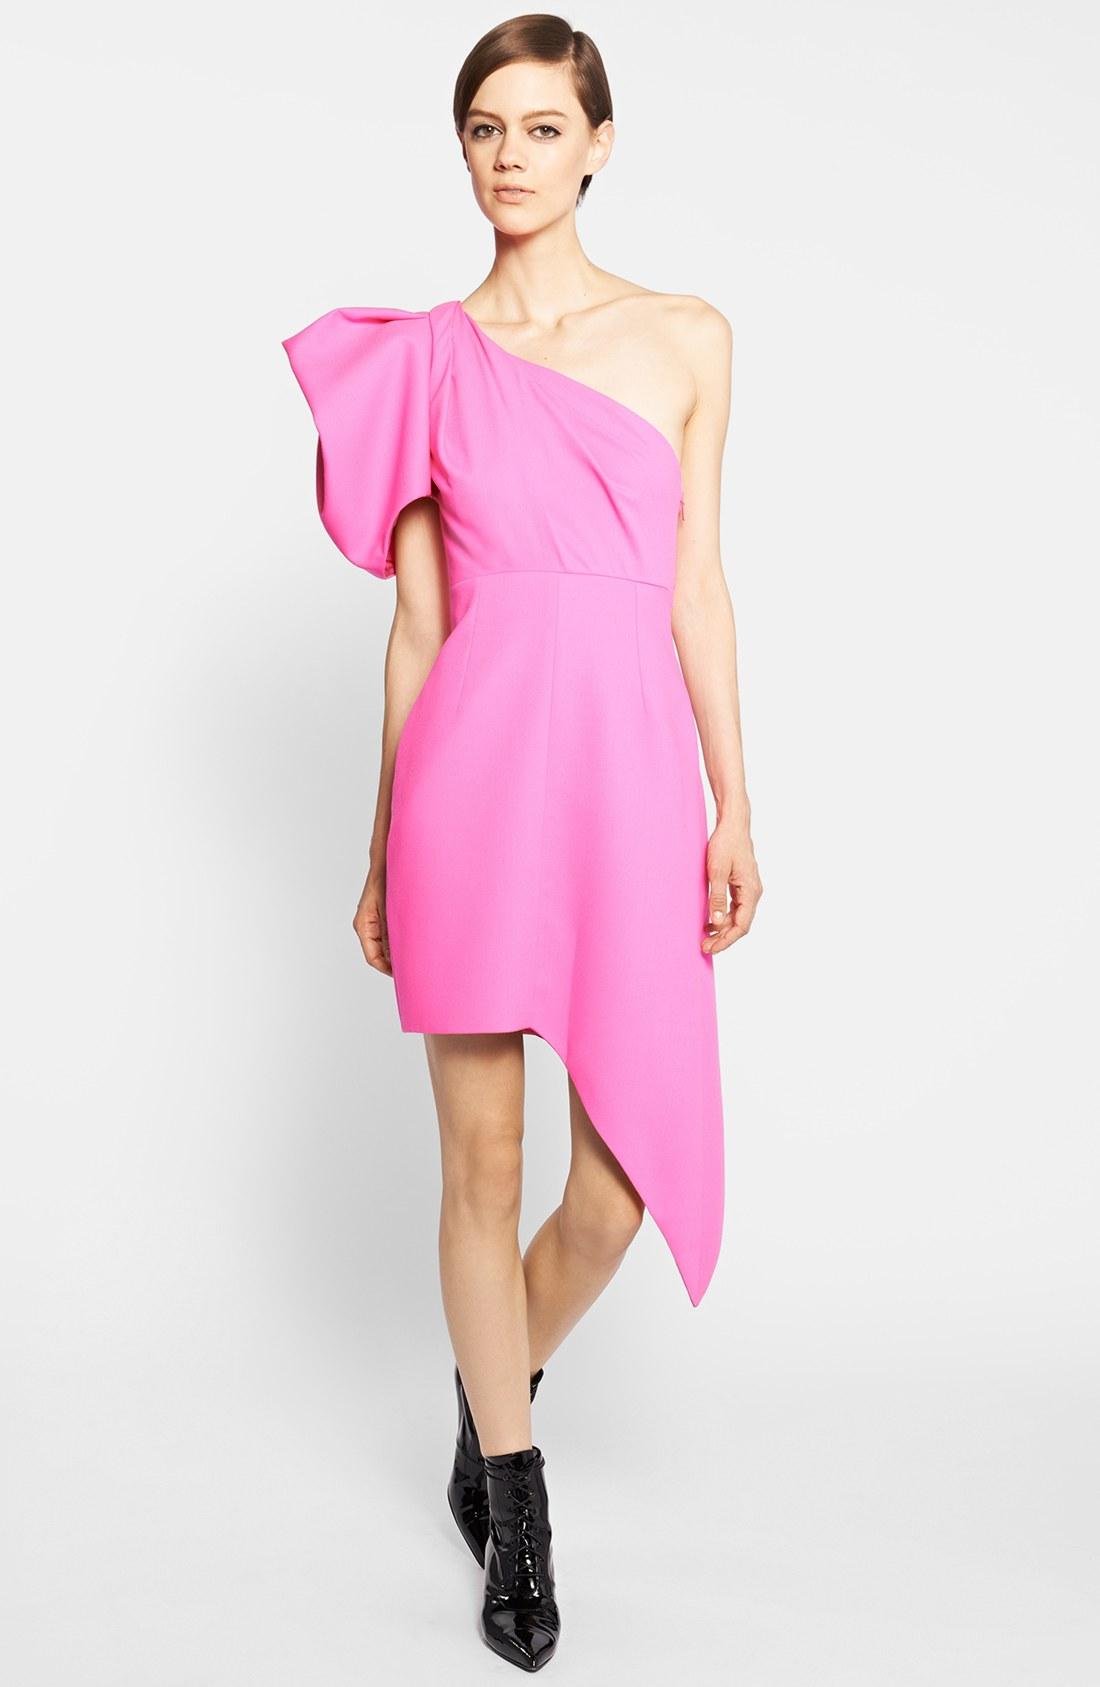 Hot Pink One Shoulder Dress | Dress images